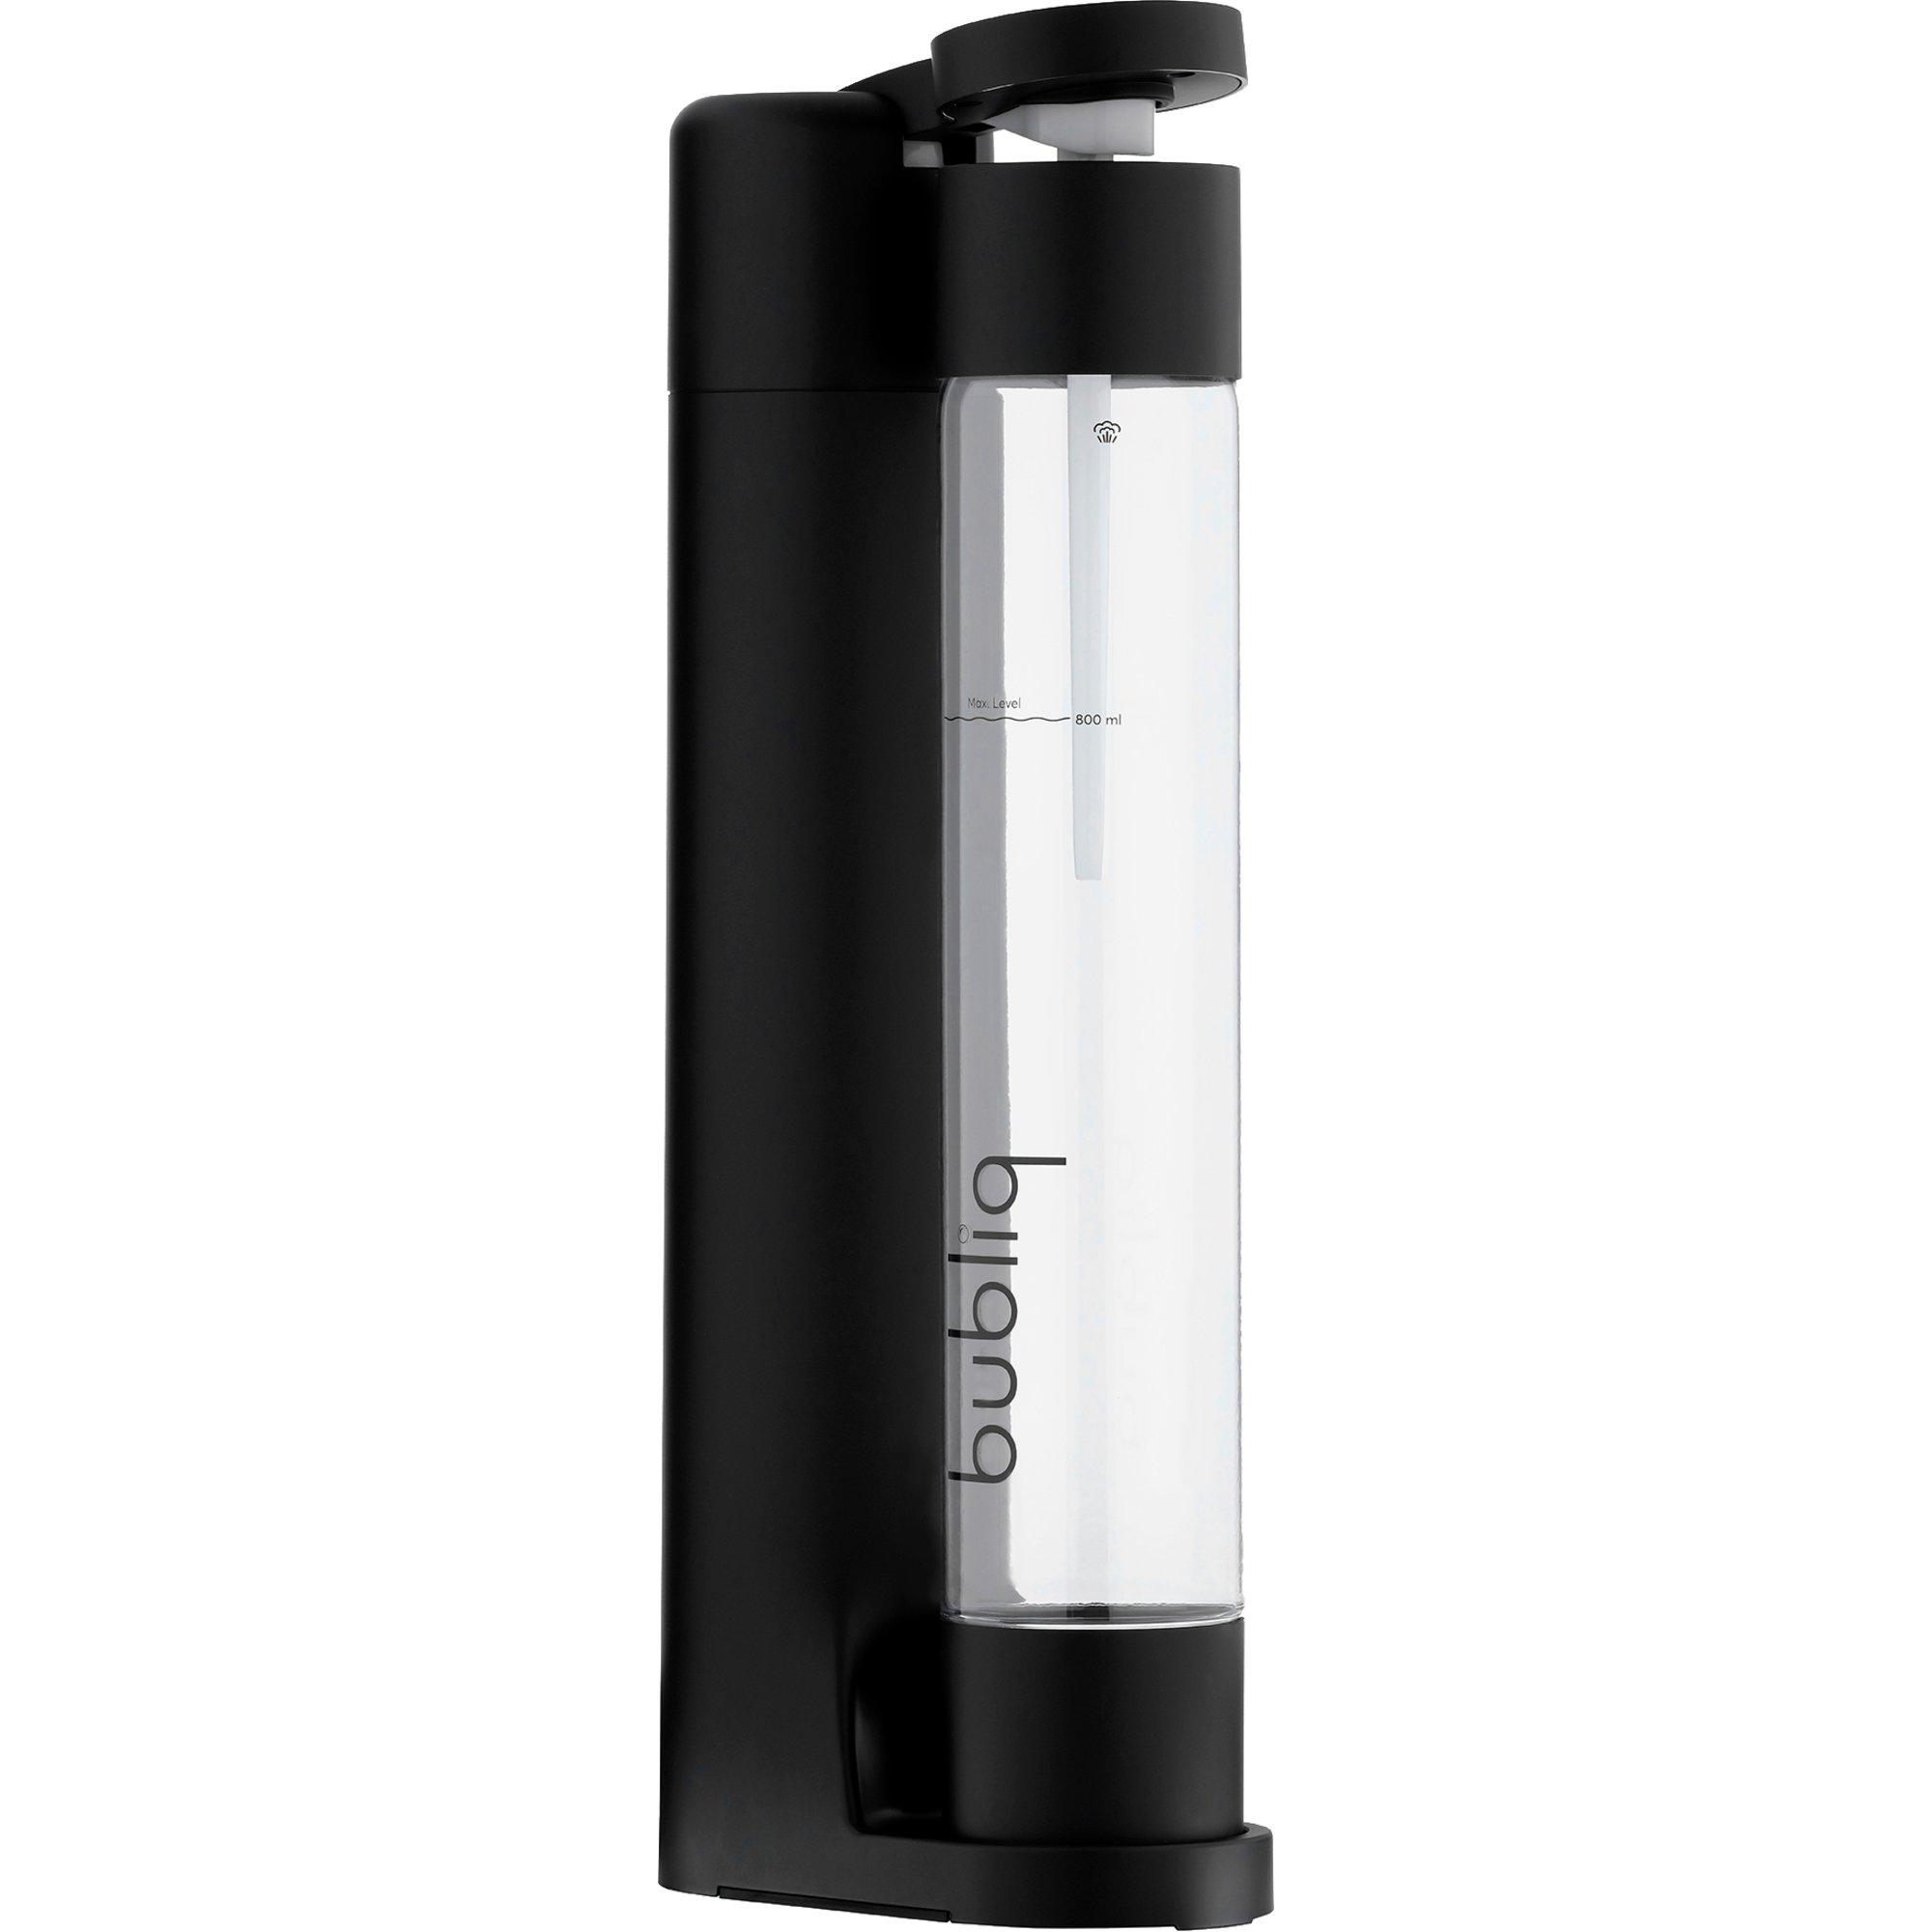 Bubliq Drink Carbonator Kolsyremaskin